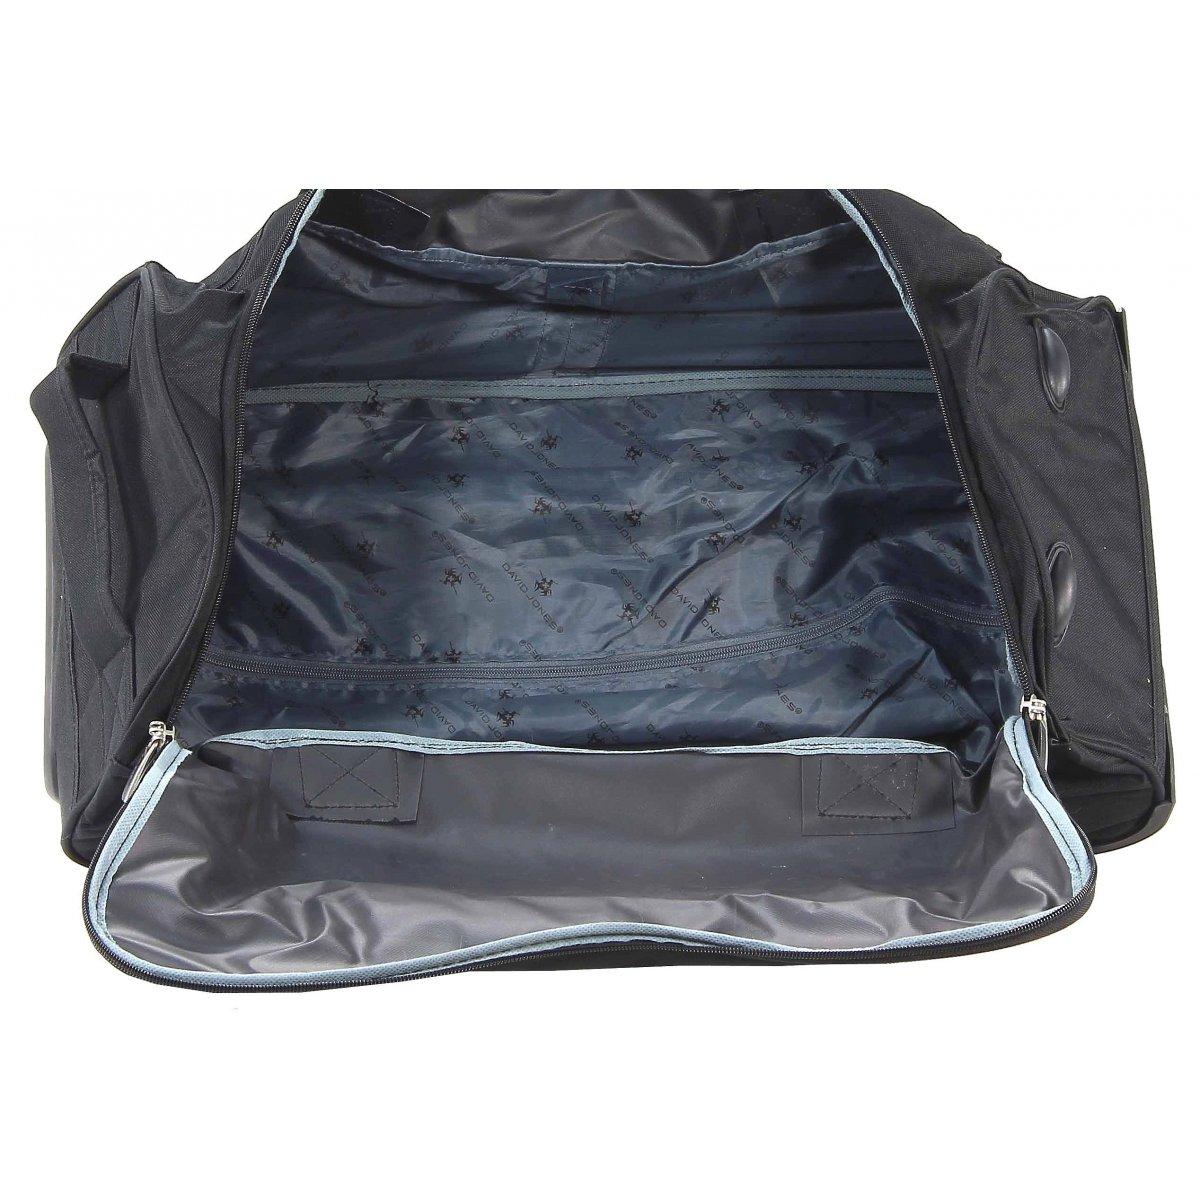 sac de voyage roulettes david jones b10001l couleur principale nyc gris promotion. Black Bedroom Furniture Sets. Home Design Ideas